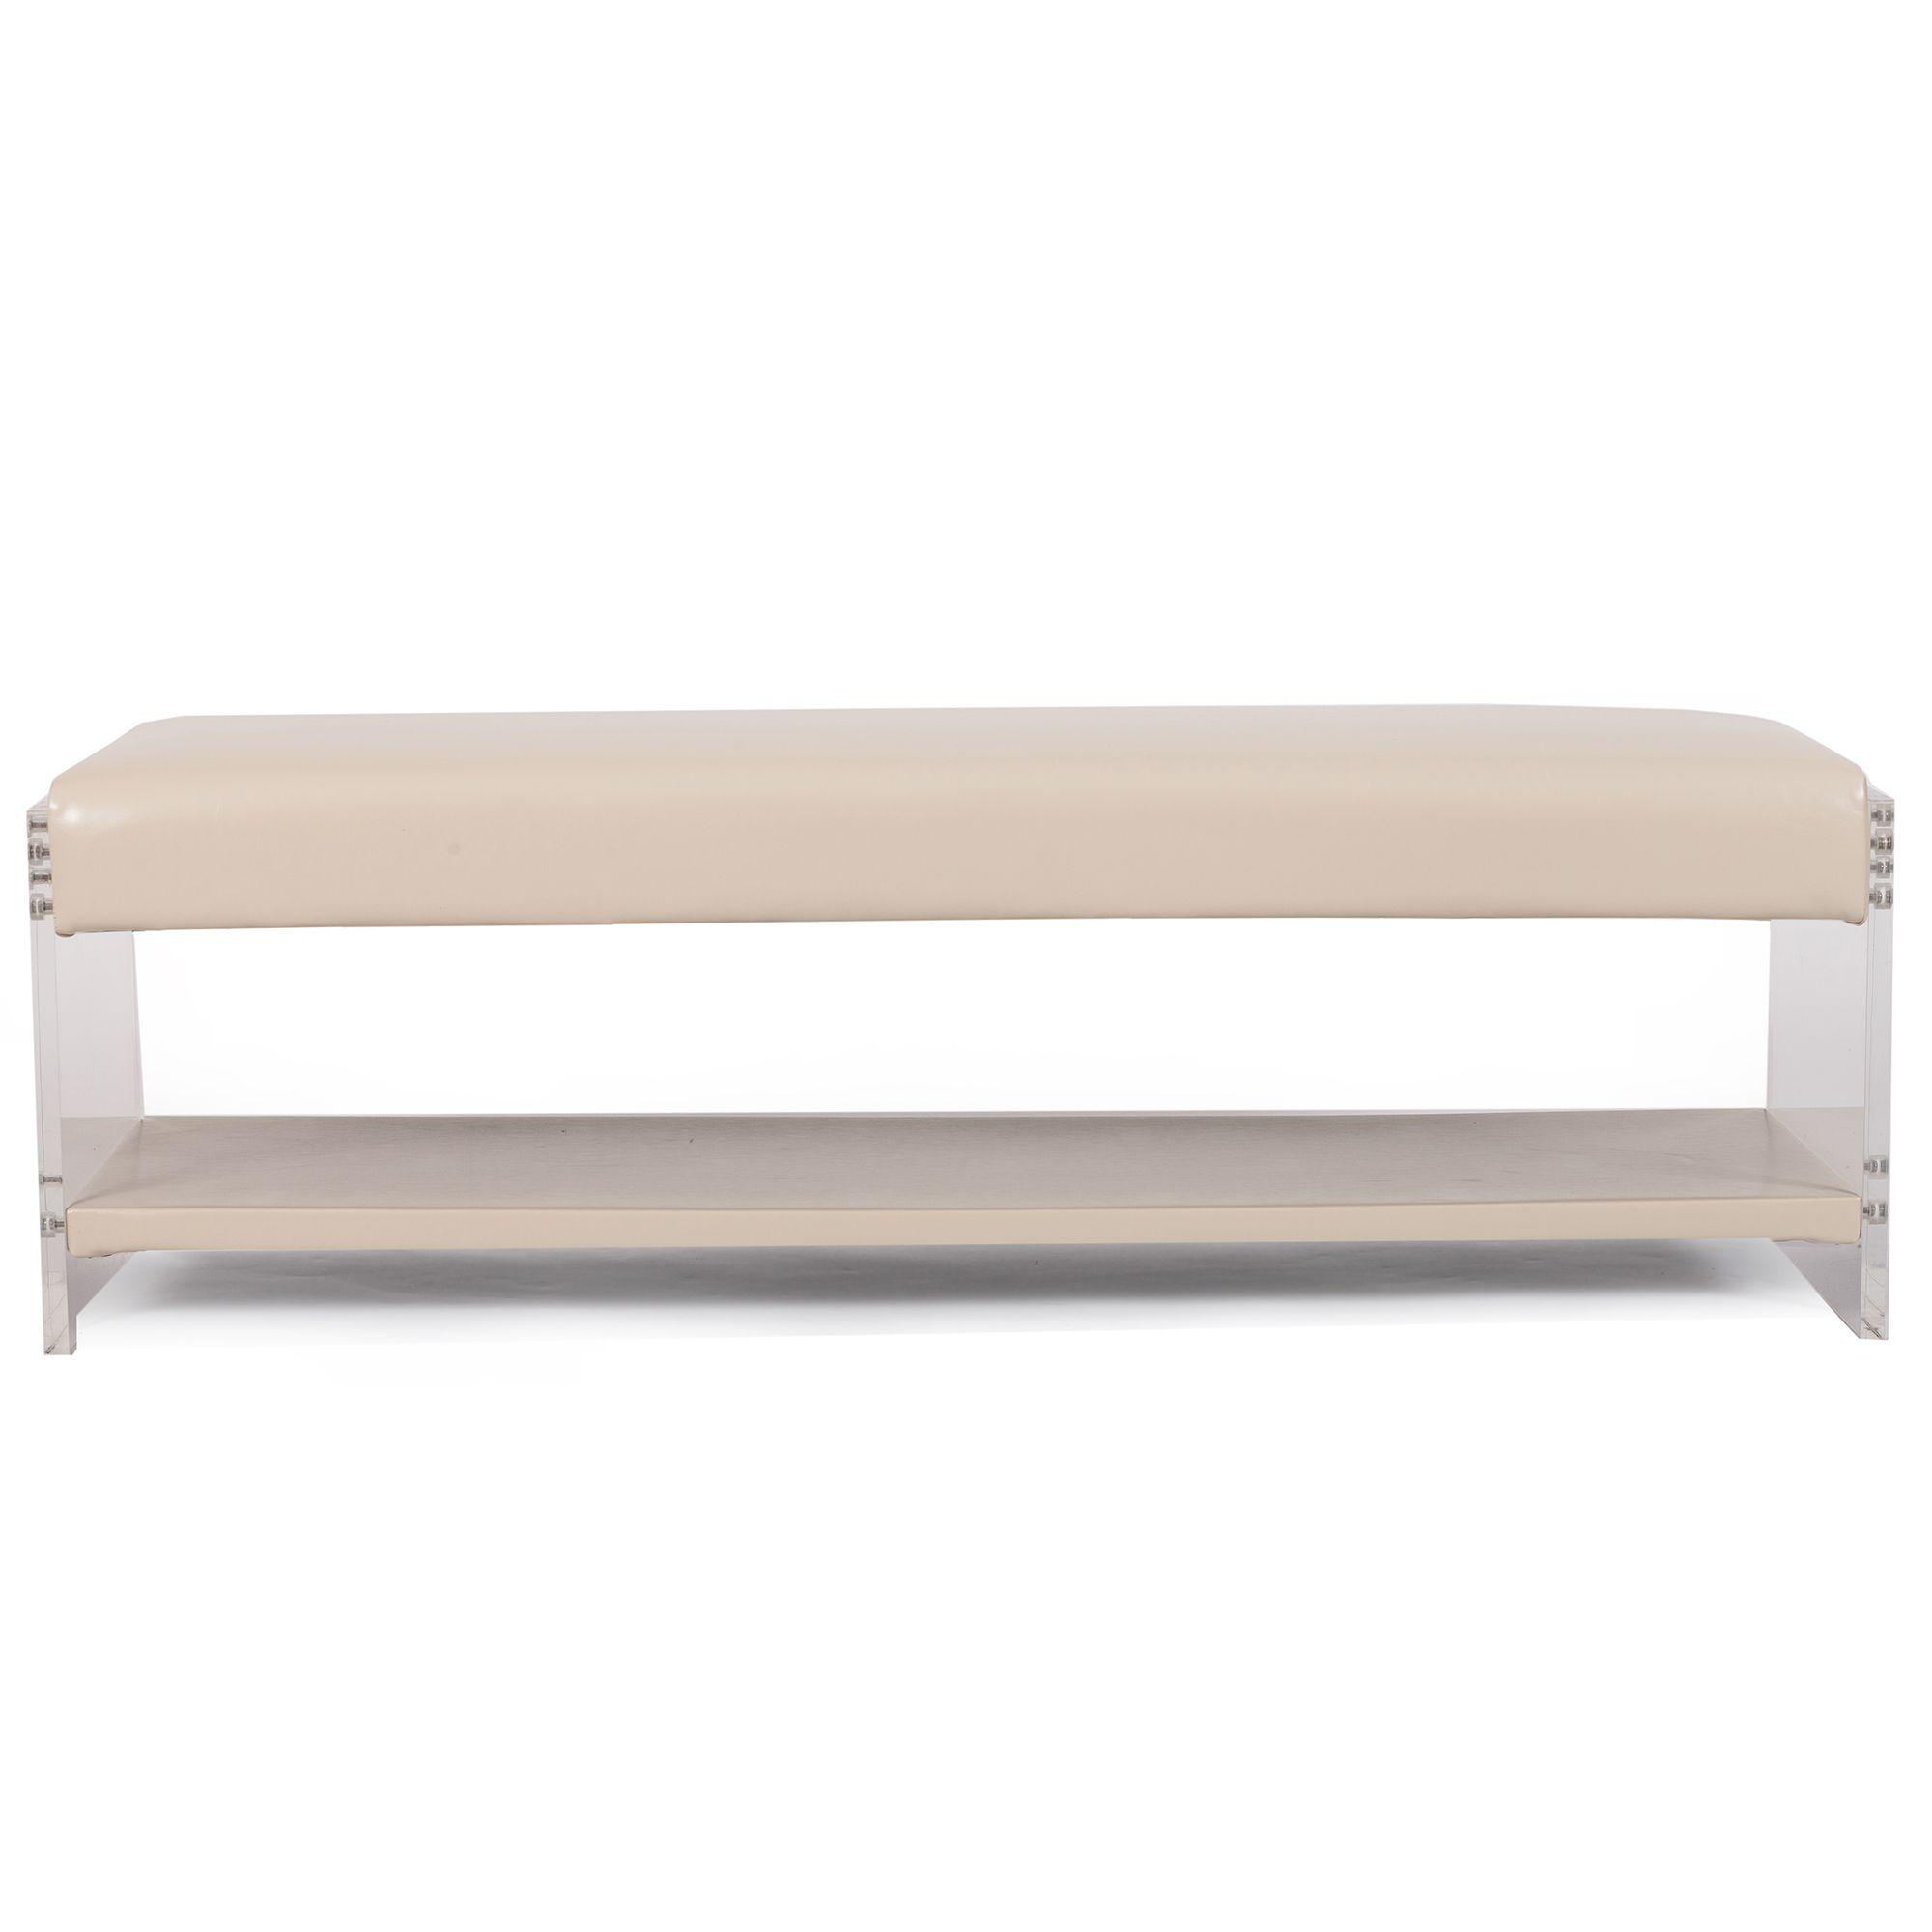 Chic Home Bh19 13cm N Dr Chaplin Bench Shelf Cream White